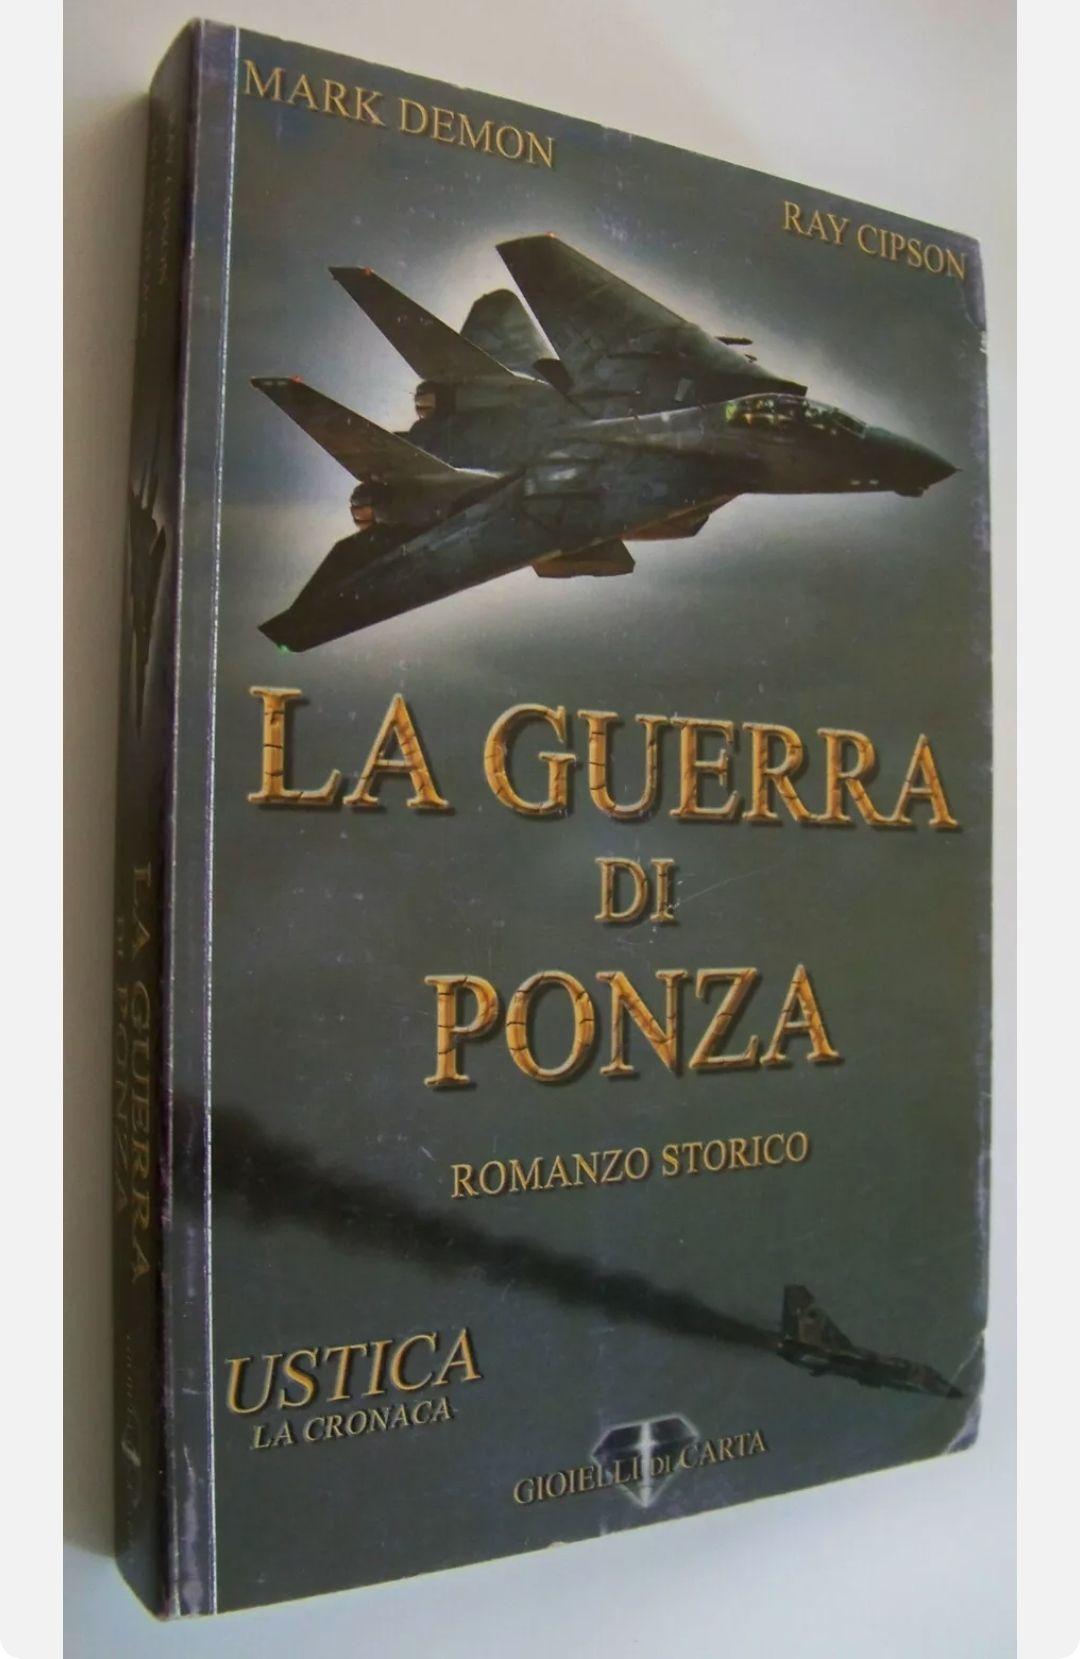 LA GUERRA DI PONZA romanzo storico USTICA cronaca aereo abbattuto Demon Cipson. Rarissimo/scomparso